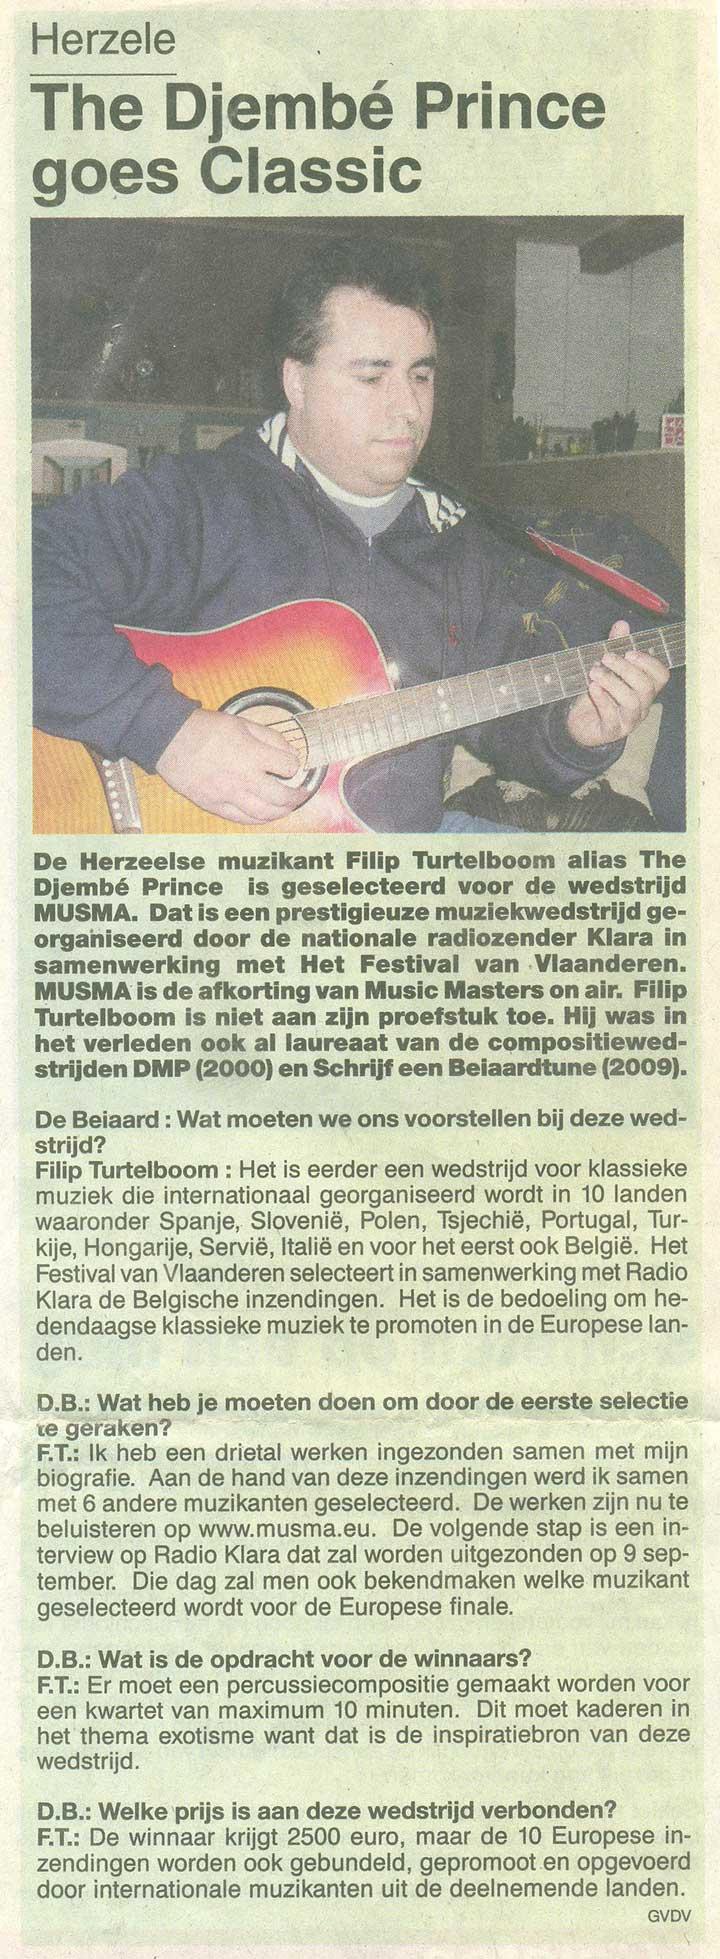 Flippers Music - Gazet van antwerpen